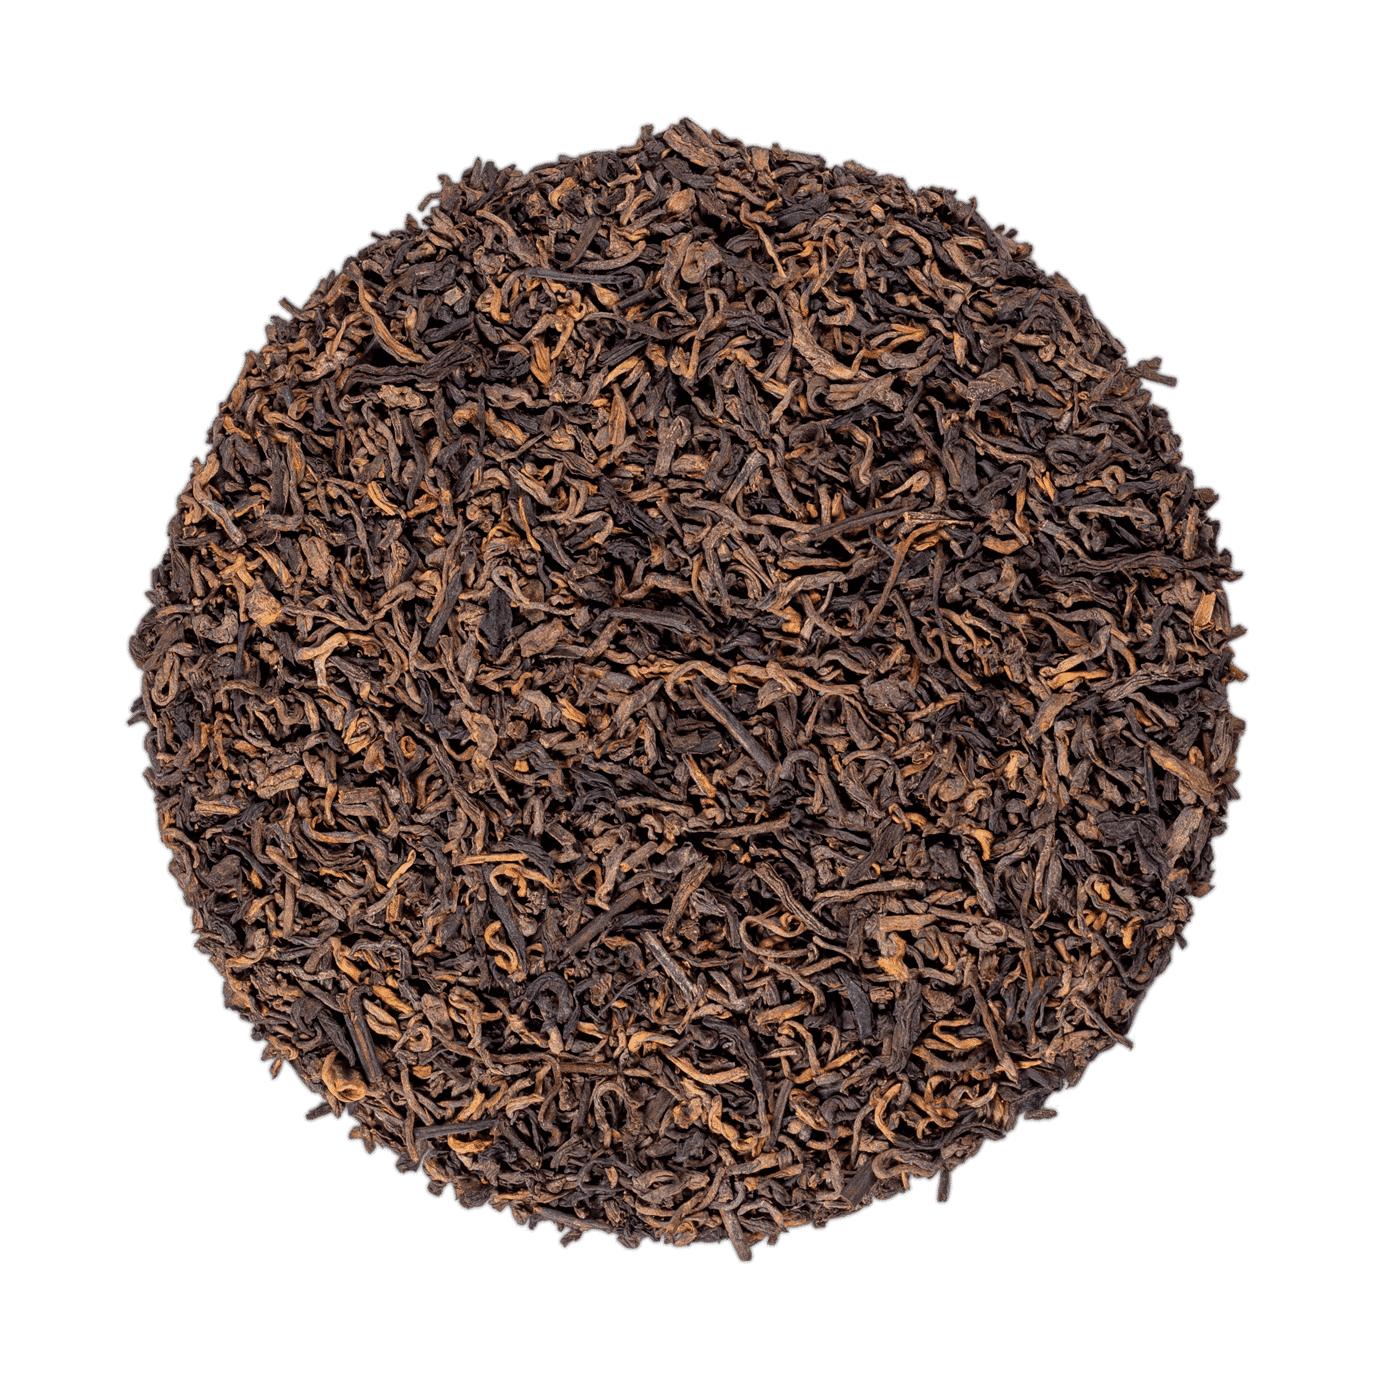 KUSMI TEA Pu Erh bio - Thé sombre fermenté de Chine - Kusmi Tea